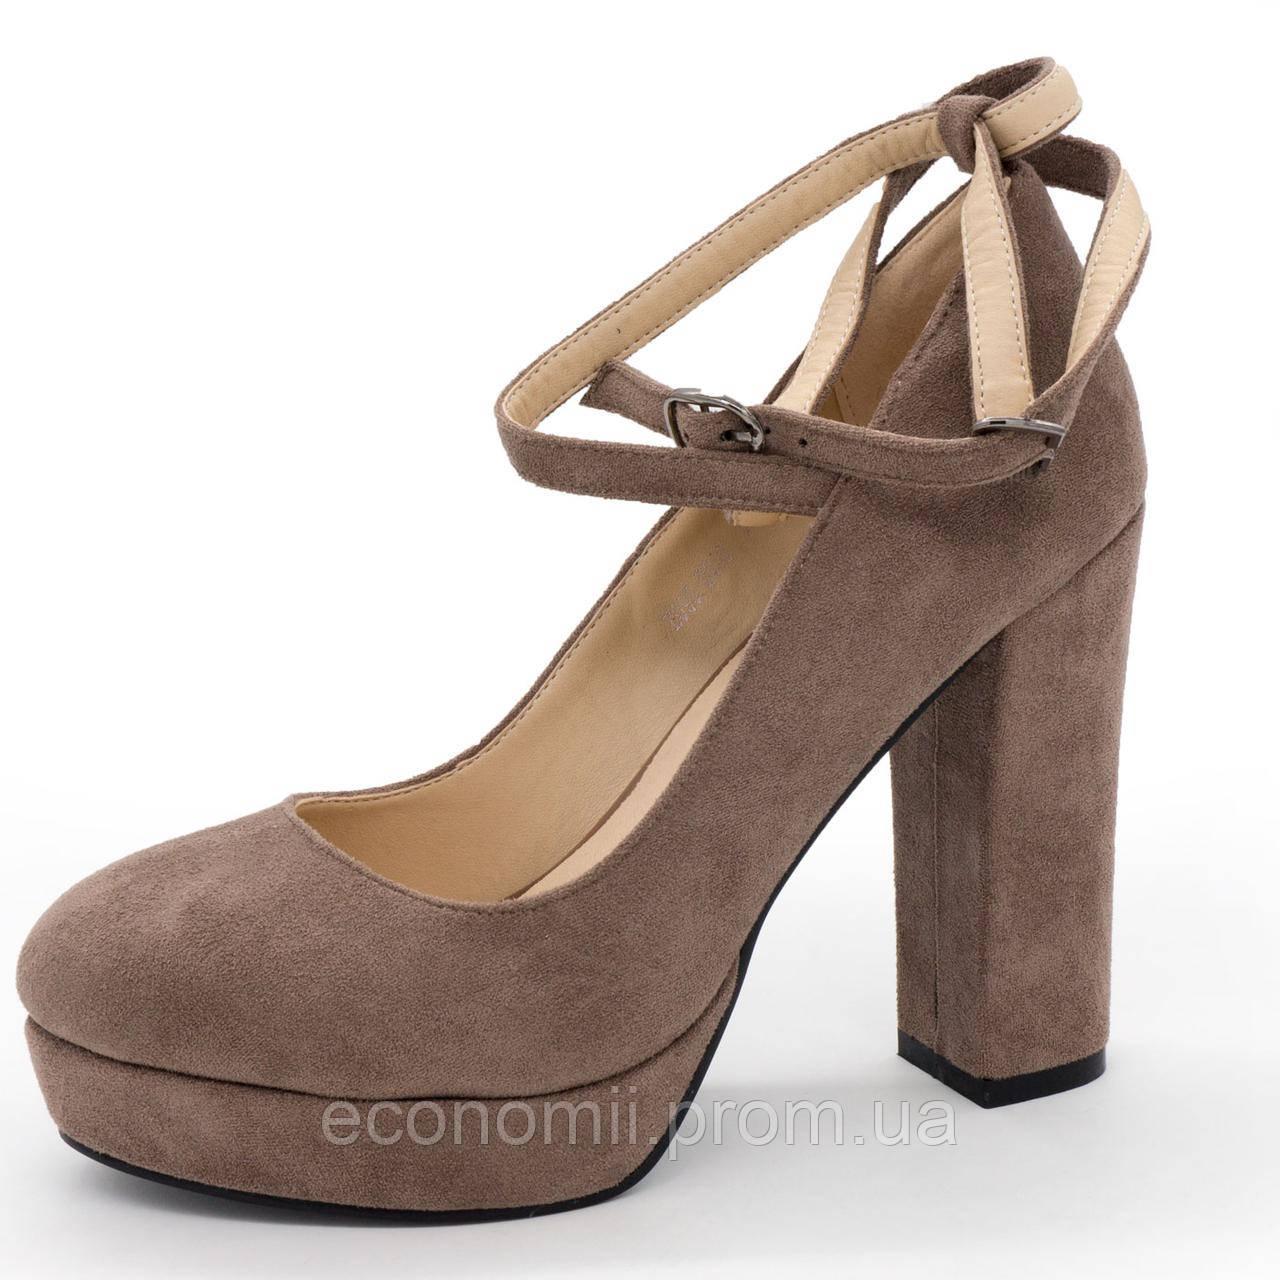 Женские туфли LIICI H095-B668 Apricot на платформе  р.(37, 38, 39)